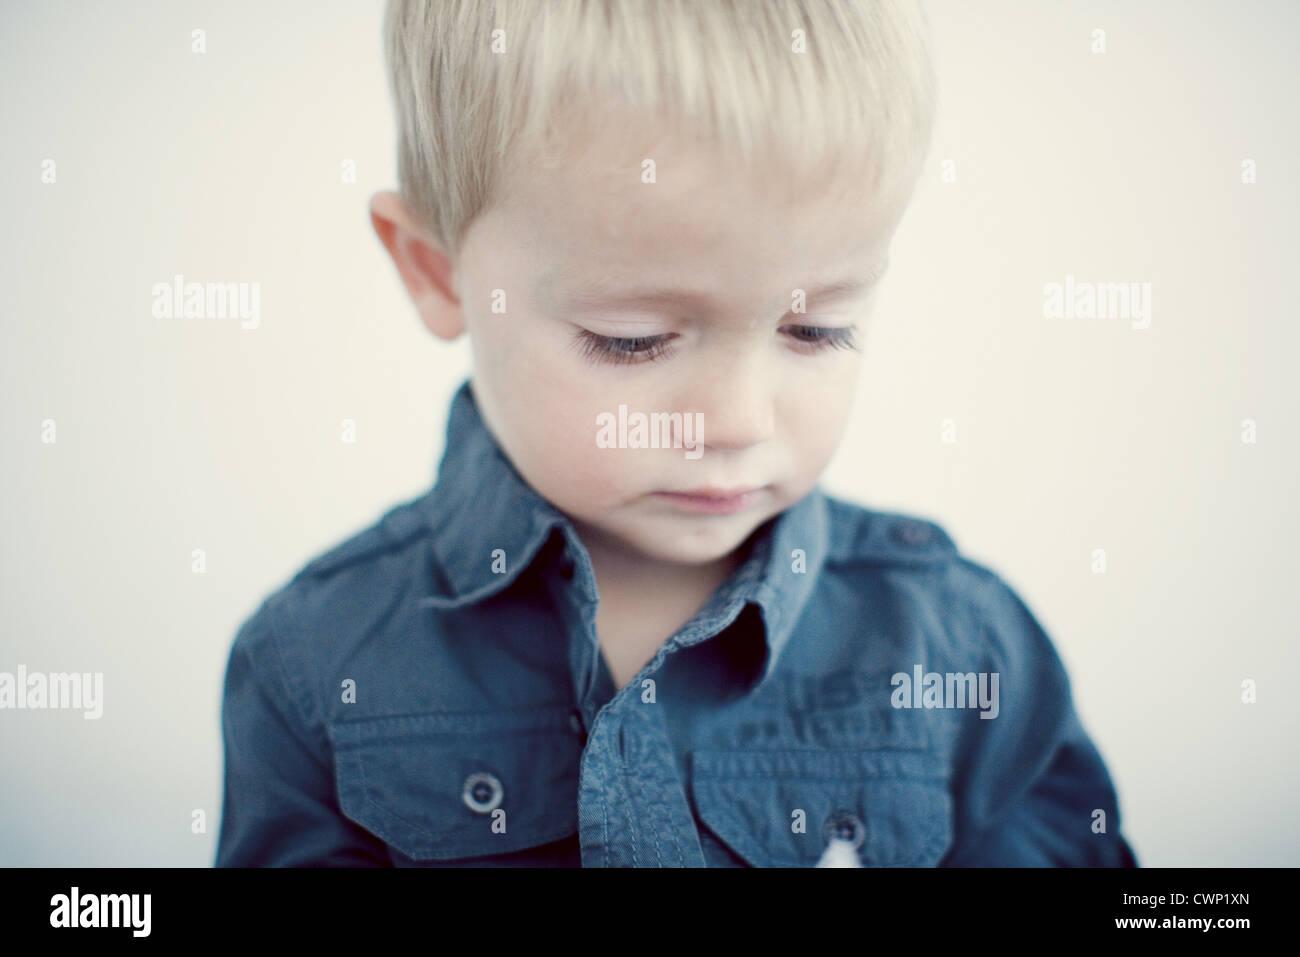 Little boy looking down, portrait - Stock Image